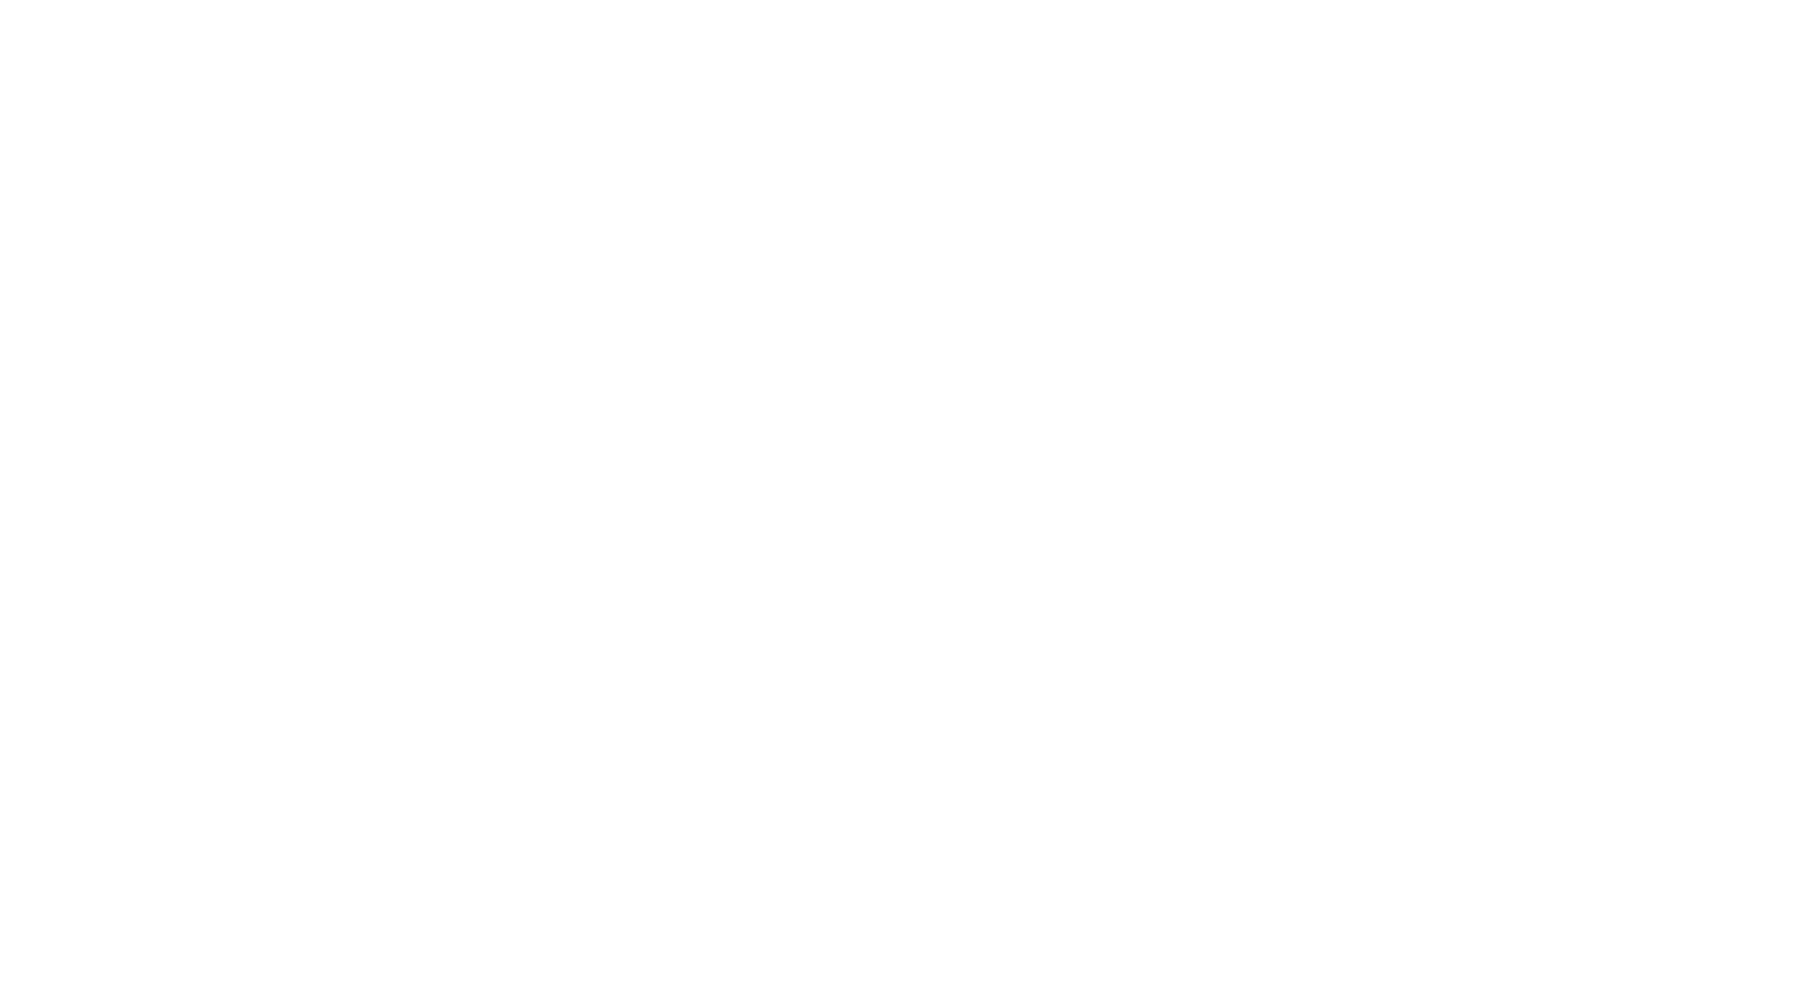 Hvid_logo.png